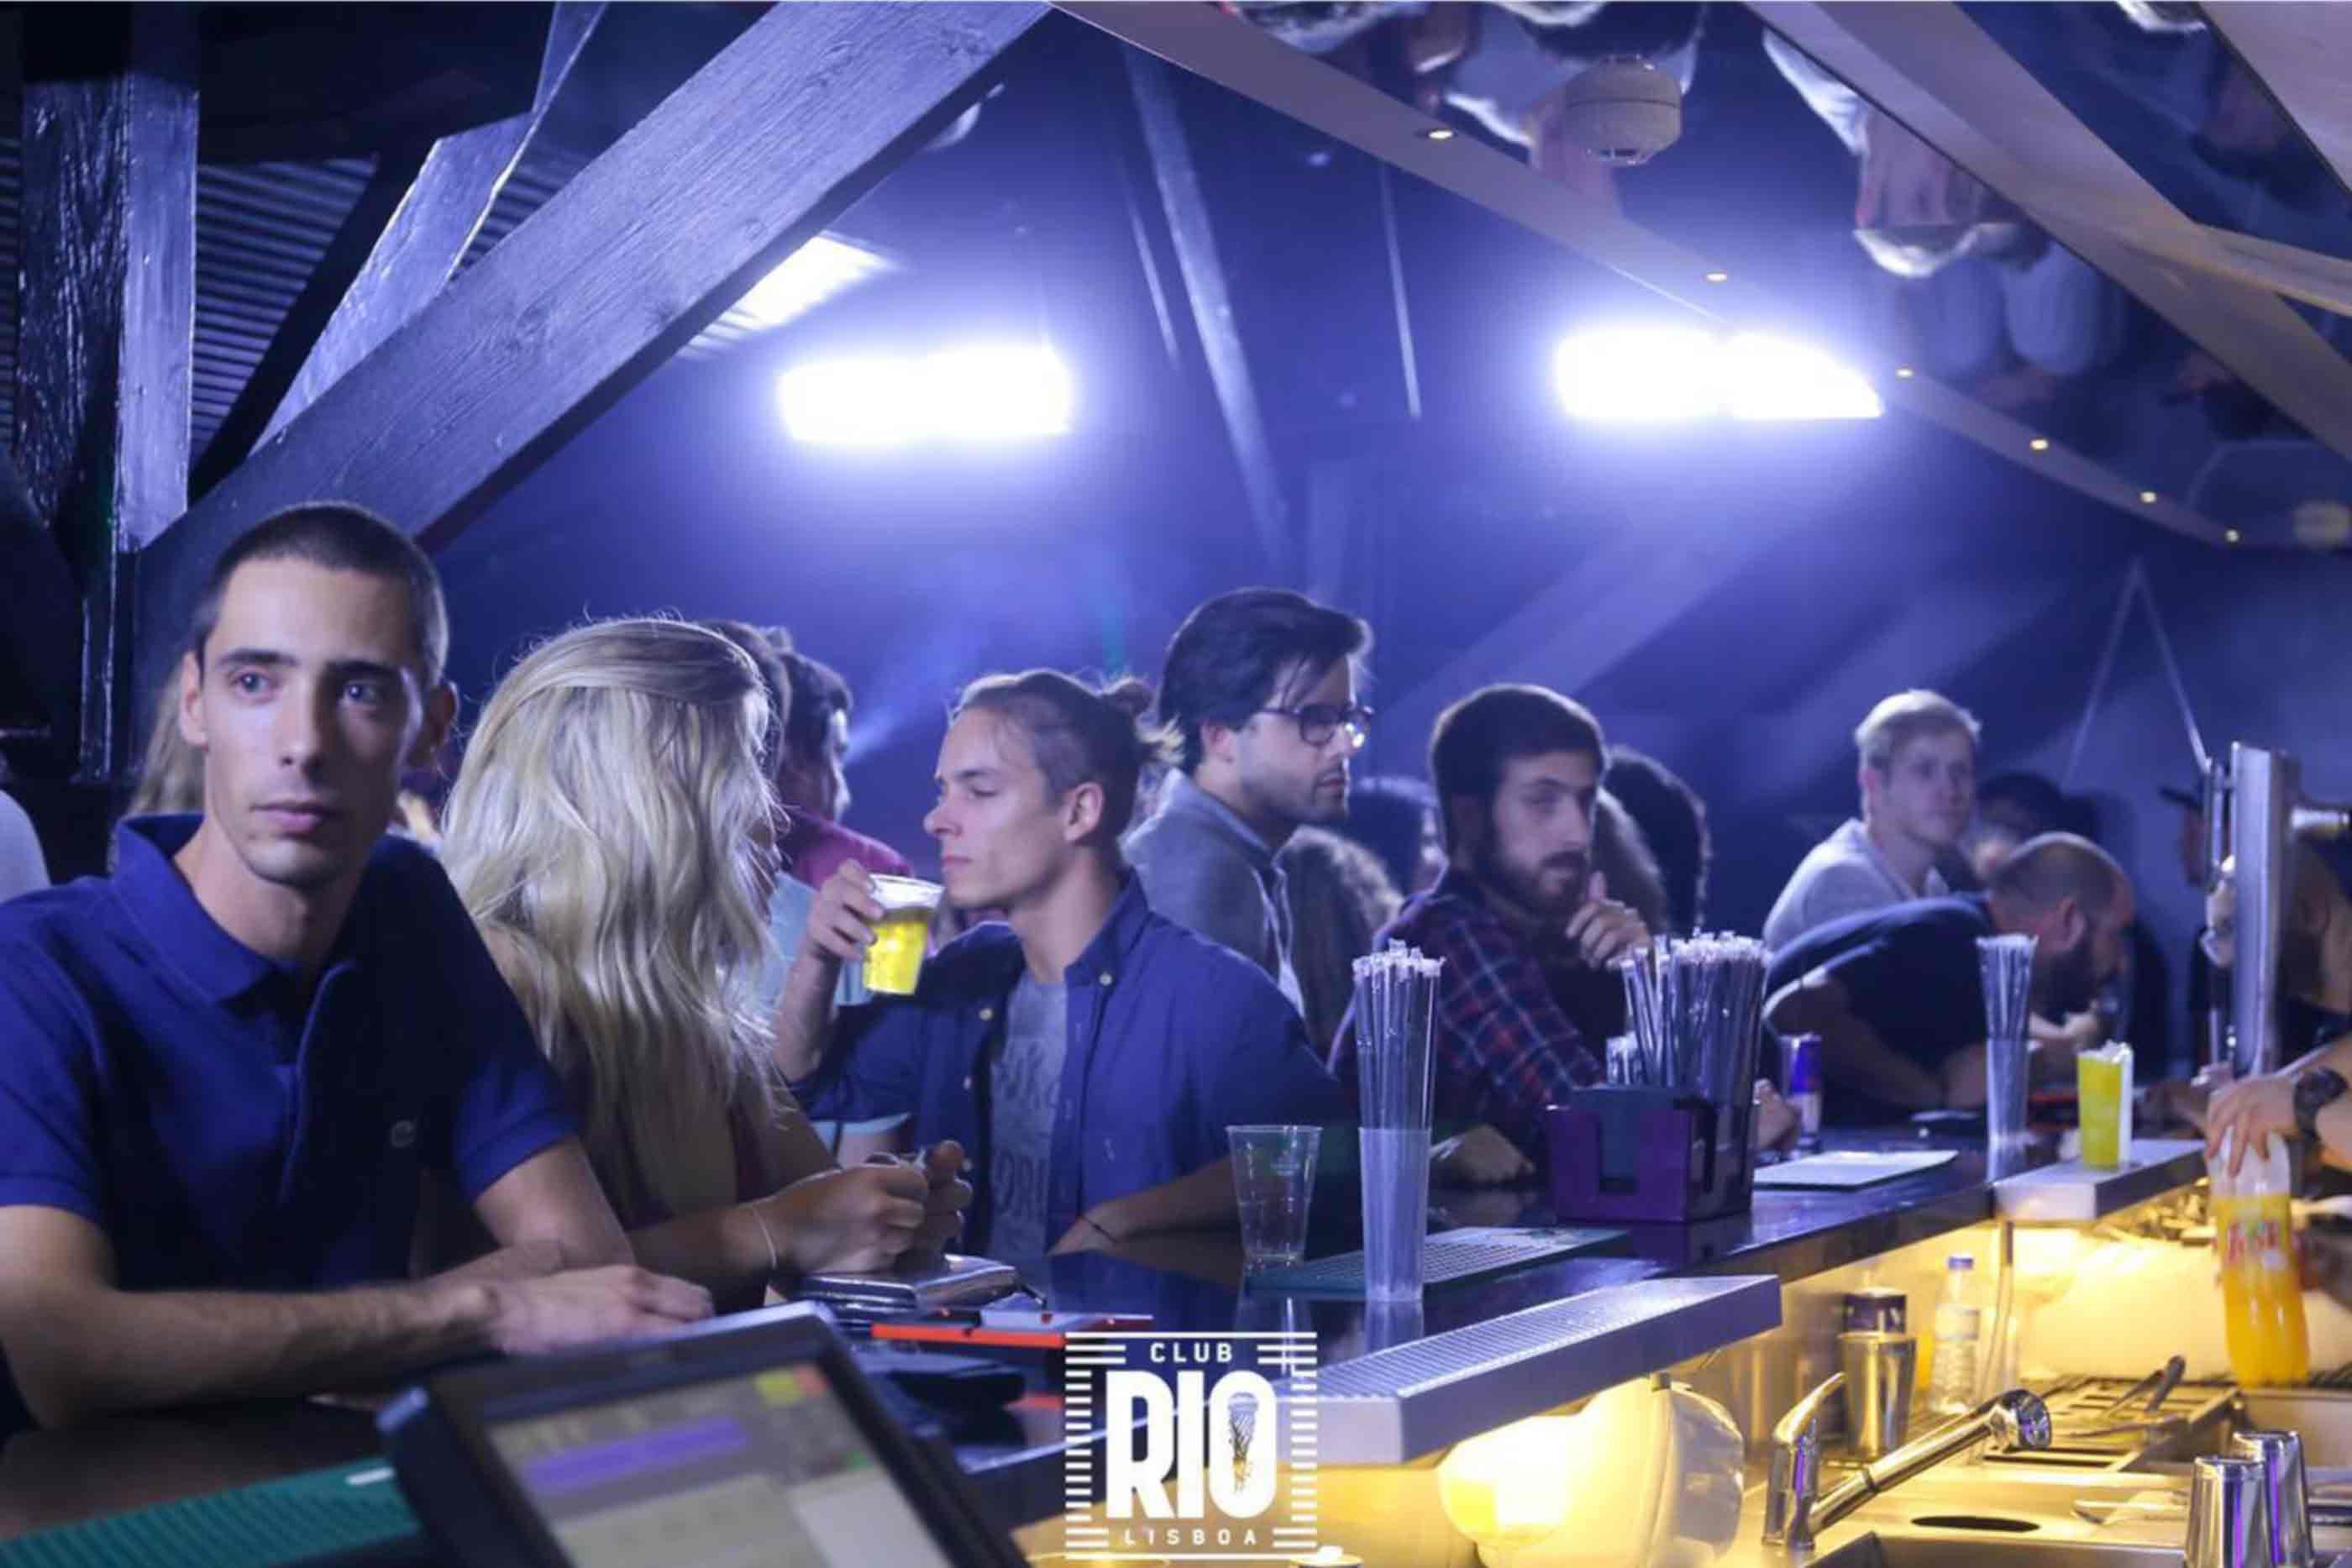 Pessoas no espaço junto ao bar acompanhados ao som da música.